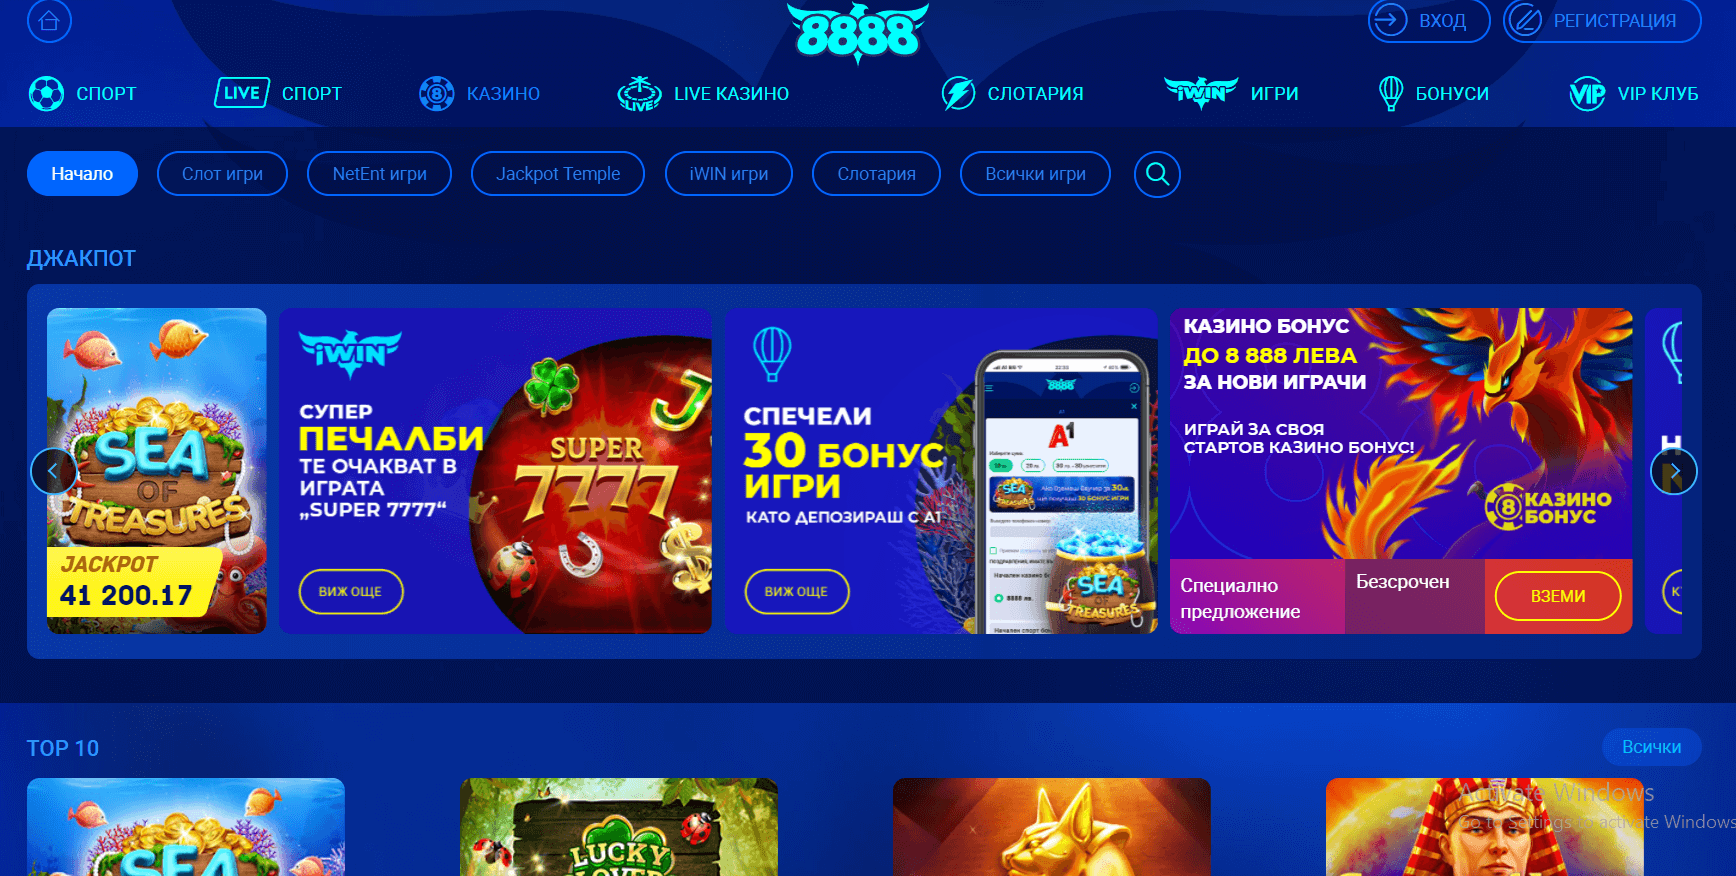 8888 casino nachalna stranitsa-komarbet.com